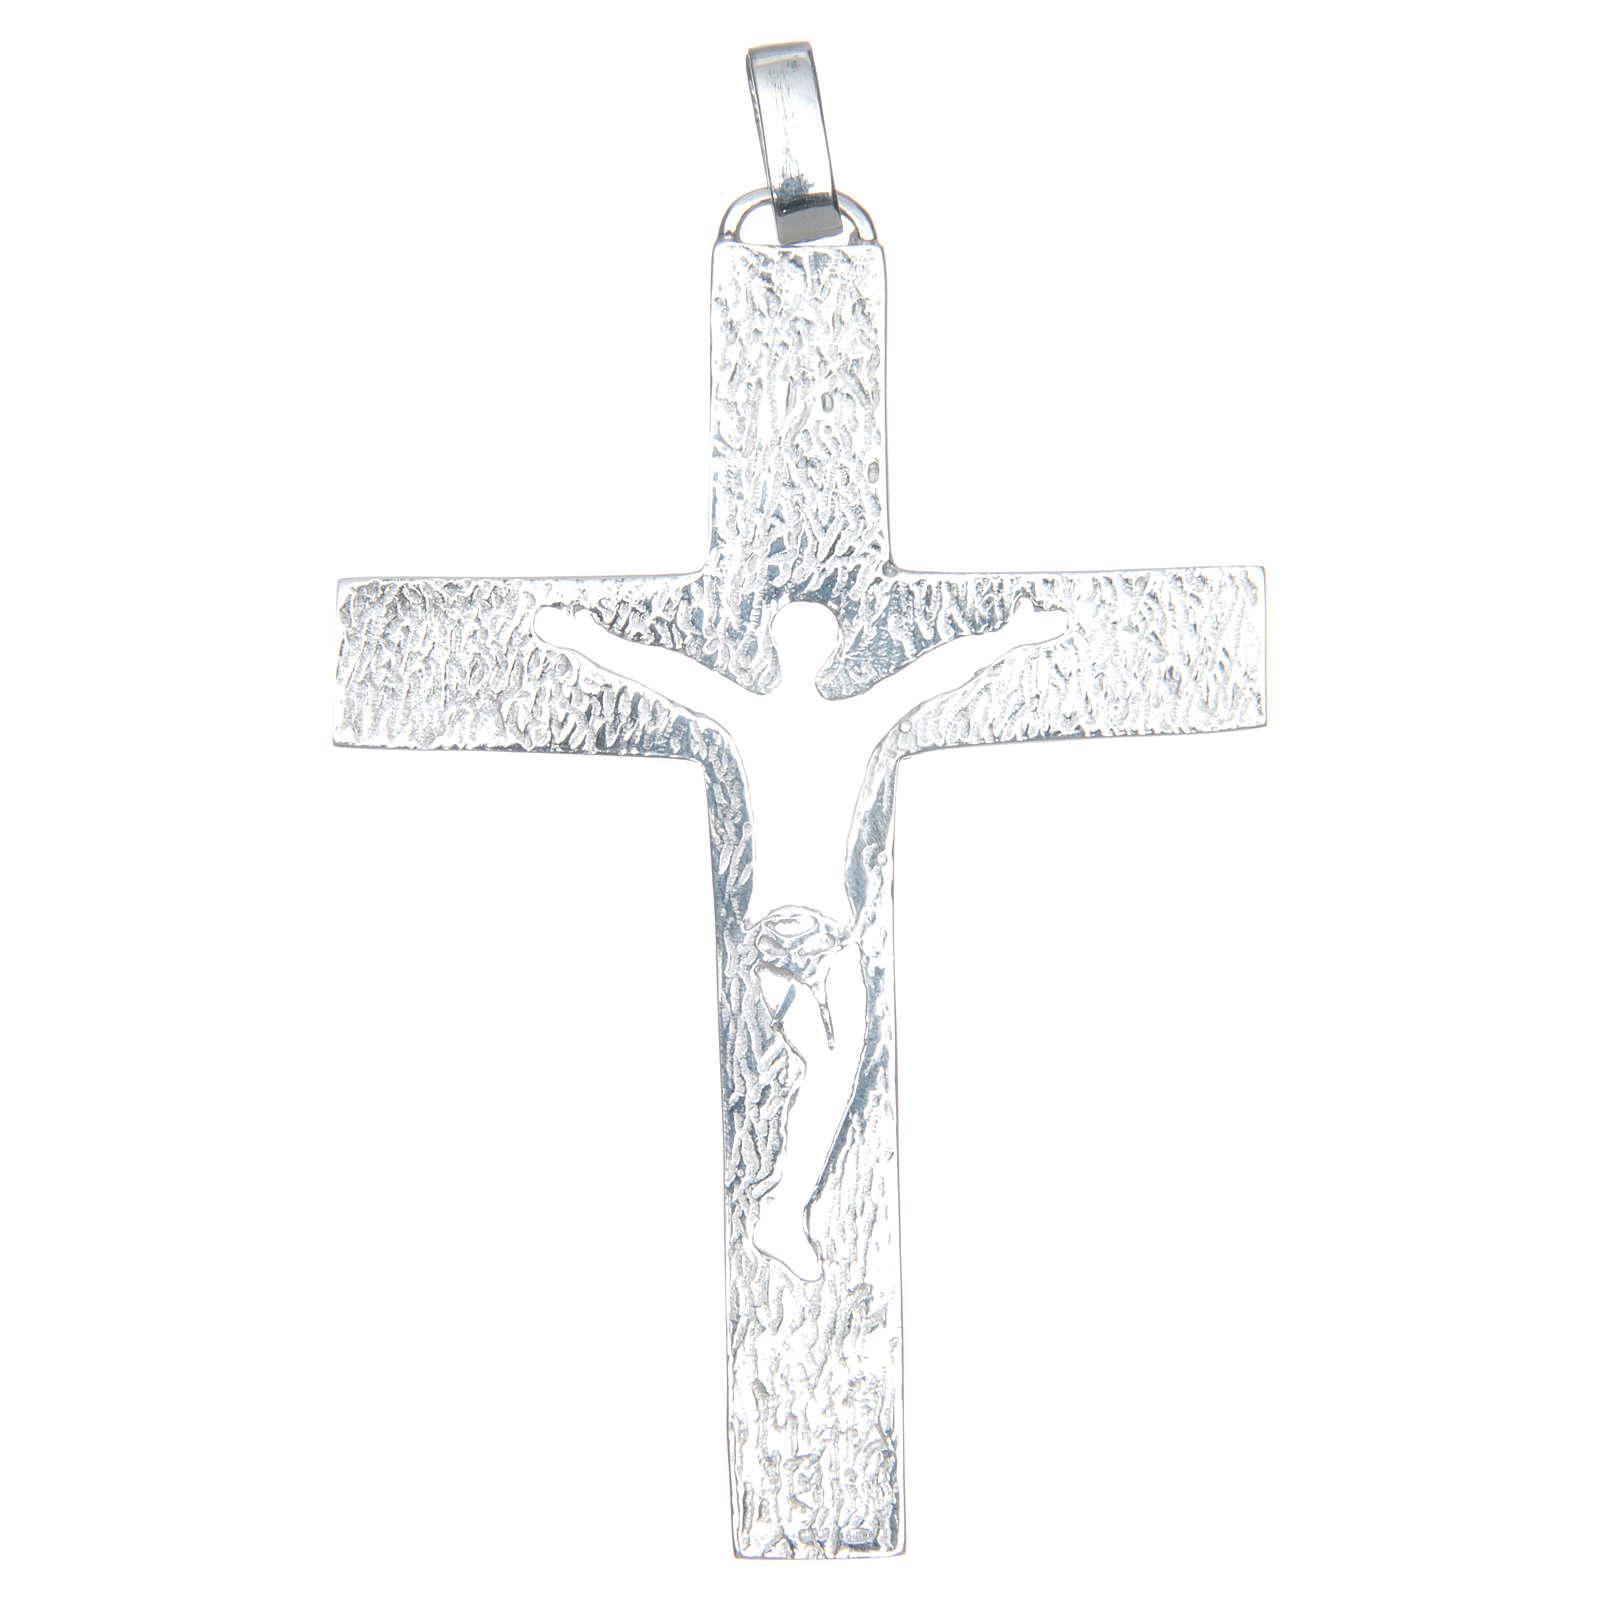 Cruz pectoral Crucifijo Plata 925 bicolor Cuerpo Perforado 3